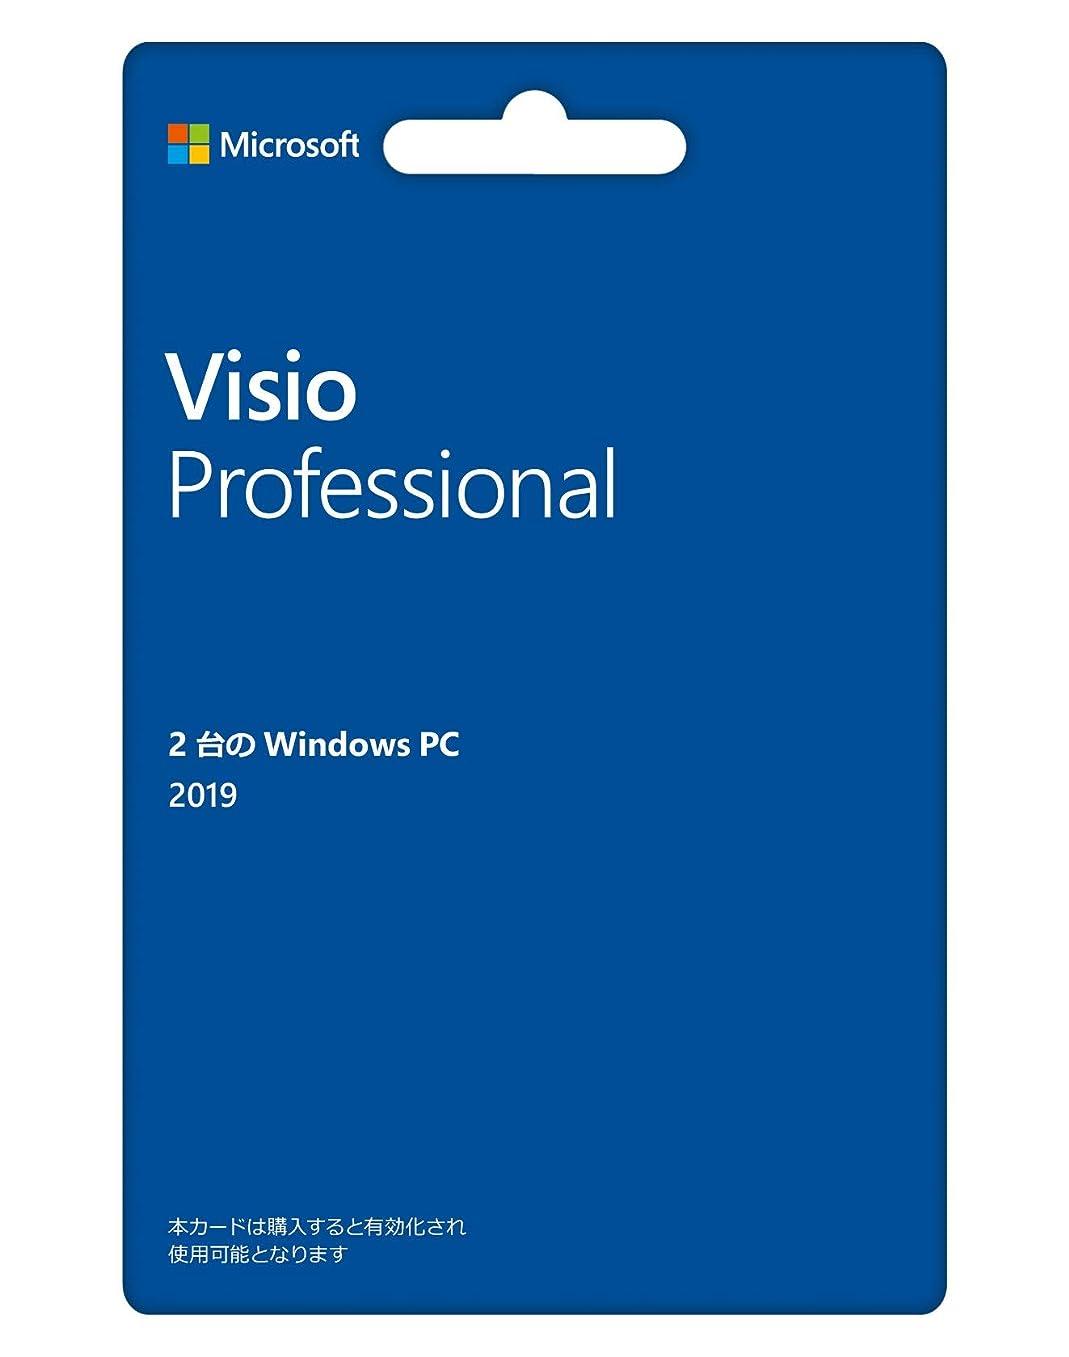 期待して化石リサイクルするMicrosoft Visio Professional 2019(最新 永続版)|カード版|Windows10|PC2台